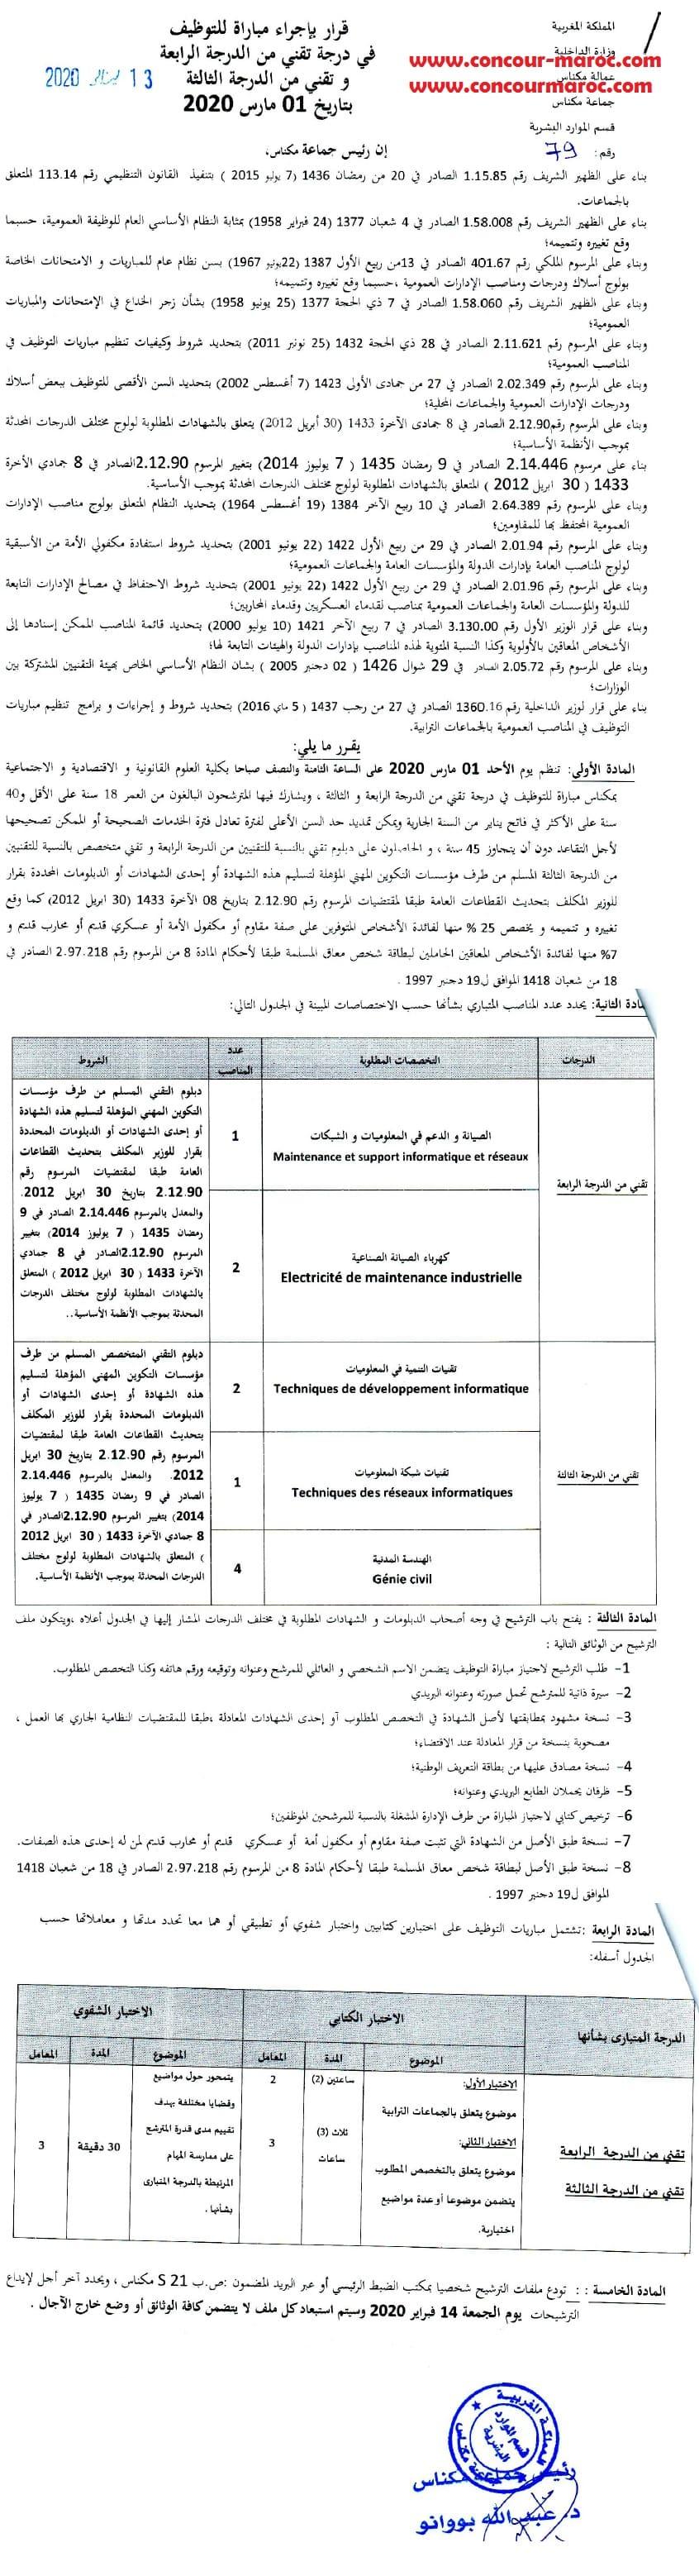 الجماعة الحضرية لمكناس مباراة توظيف 17 منصب في عدة درجات وظيفية و تخصصات مختلفة اخر اجل 14 فبراير 2020 Aoo_ao27